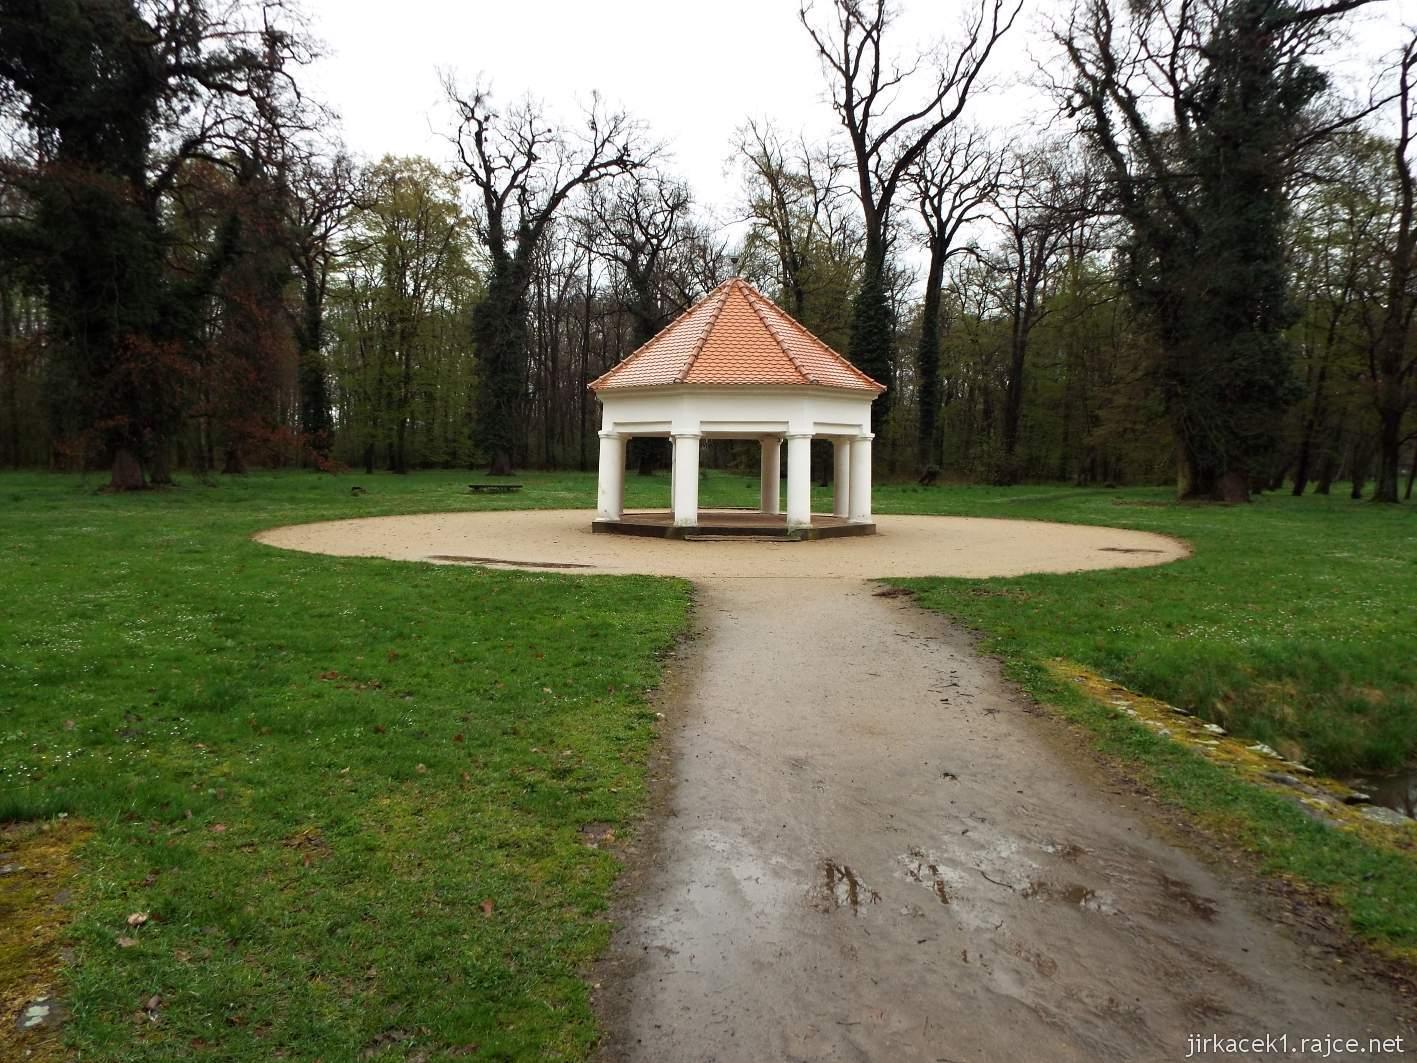 zámek Milotice 81 - bažantnice - střelecký altán